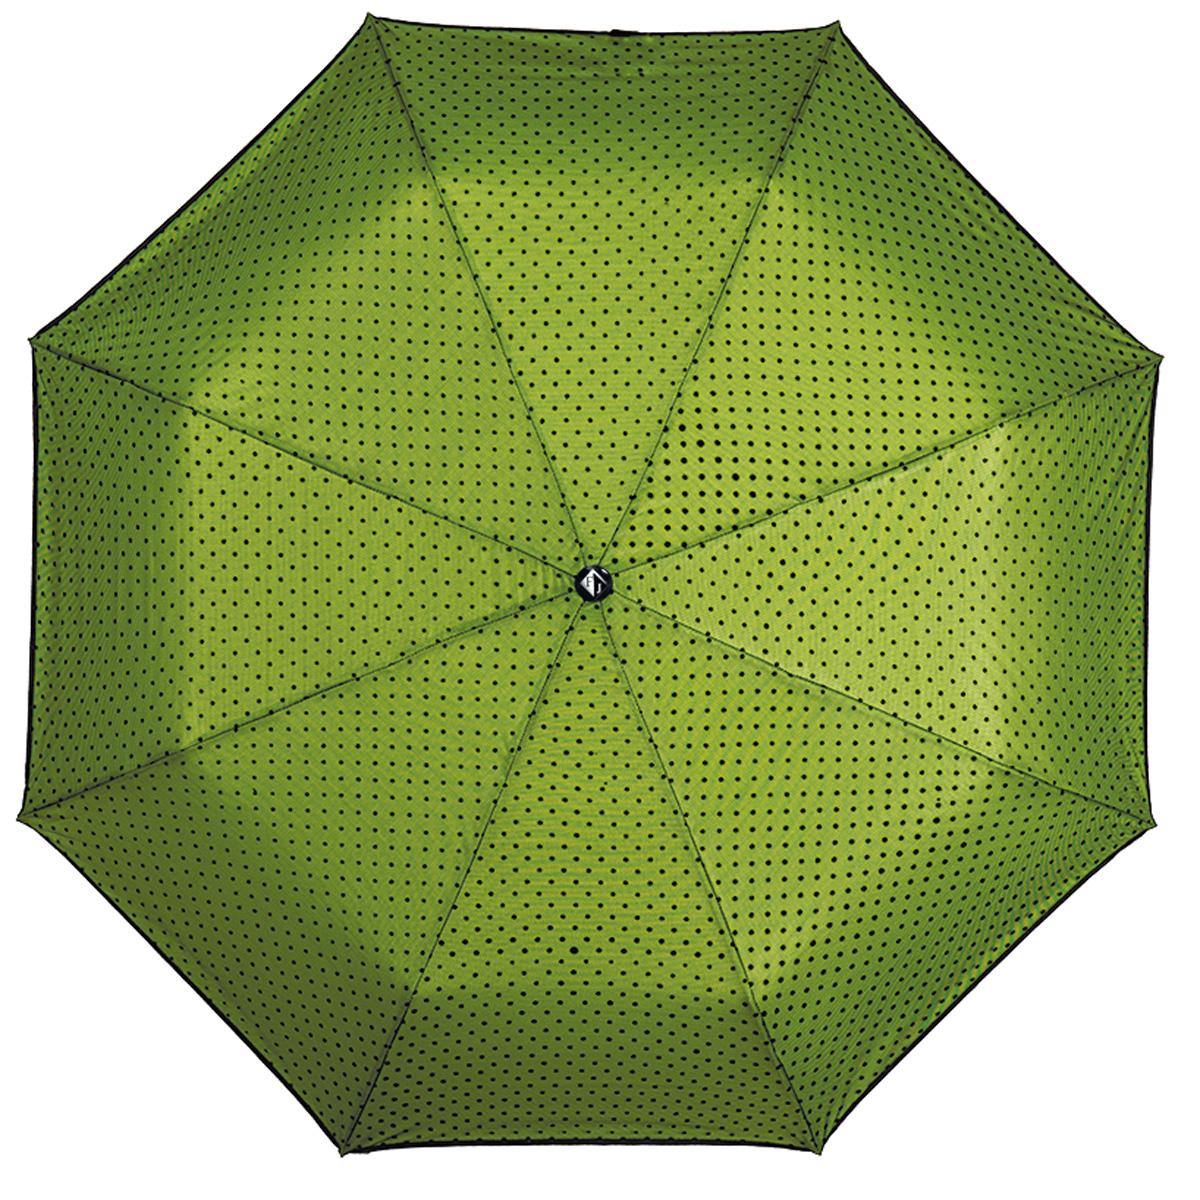 Зонт женский Flioraj В тени вуали, автомат, 3 сложения, зеленый. 22002 FJ22002 FJЭлегантный автоматический зонт Flioraj В тени вуали в 3 сложения отлично подойдет для ненастной погоды. Ветростойкий каркас зонта, изготовленный из анодированной стали, состоит из восьми спиц и прочного стержня. Купол зонта с тефлоновой пропиткой выполнен из полиэстера и оформлен сеткой с узором в мелкий горошек. Модель оснащена рукояткой из пластика. Зонт имеет полный автоматический механизм сложения: купол открывается и закрывается нажатием кнопки на рукоятке, стержень складывается вручную до характерного щелчка. Благодаря этому открыть и закрыть зонт можно одной рукой, что чрезвычайно удобно при входе в транспорт или помещение. Небольшой шнурок, расположенный на рукоятке, позволяет надеть изделие на руку при необходимости. Модель закрывается при помощи хлястика на кнопке. К зонту прилагается оригинальный чехол-сумка, закрывающийся при помощи петли на пуговицу. Такой зонт не только надежно защитит вас от дождя, но и станет стильным аксессуаром,...